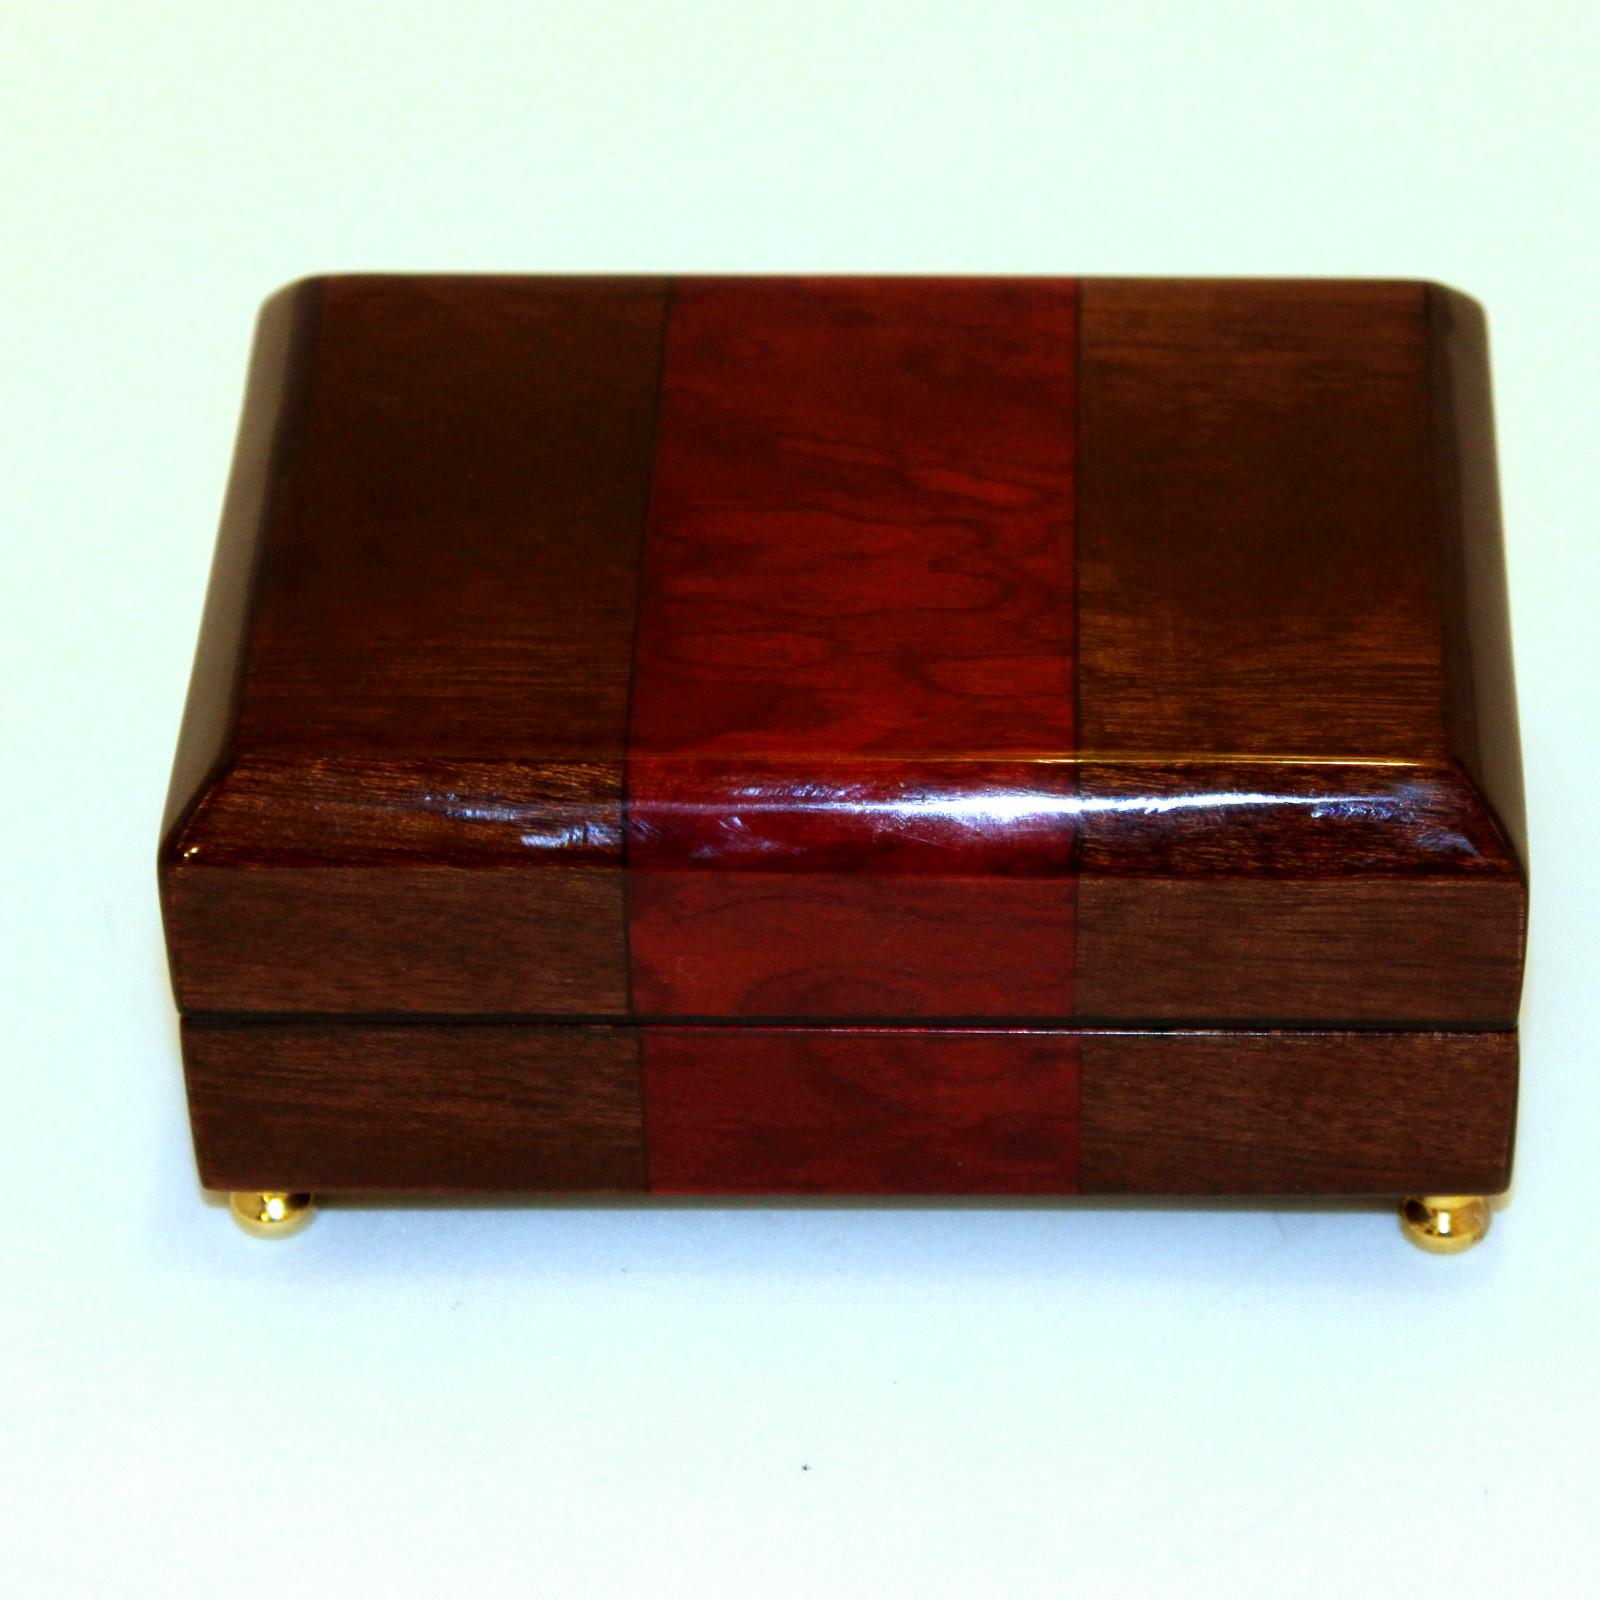 Enchanted Card Box by Magic Wagon